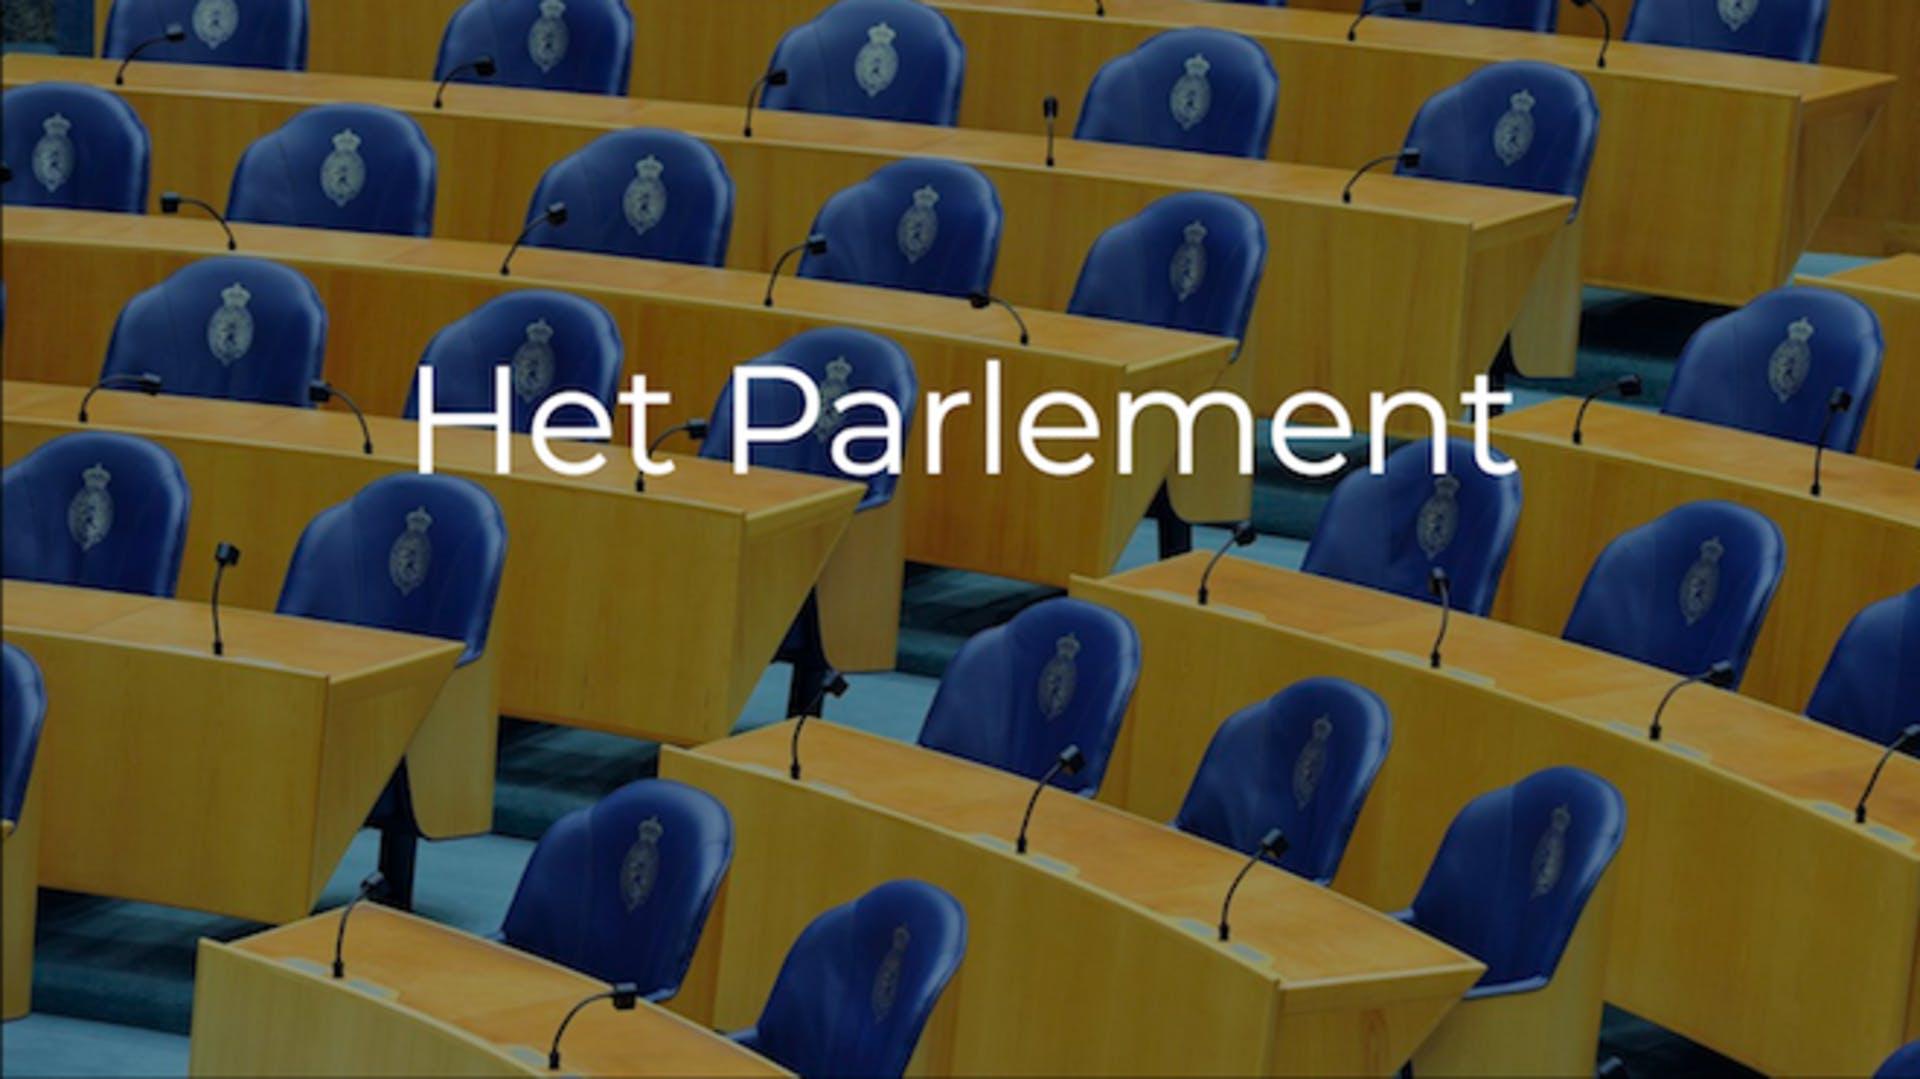 Les het parlement